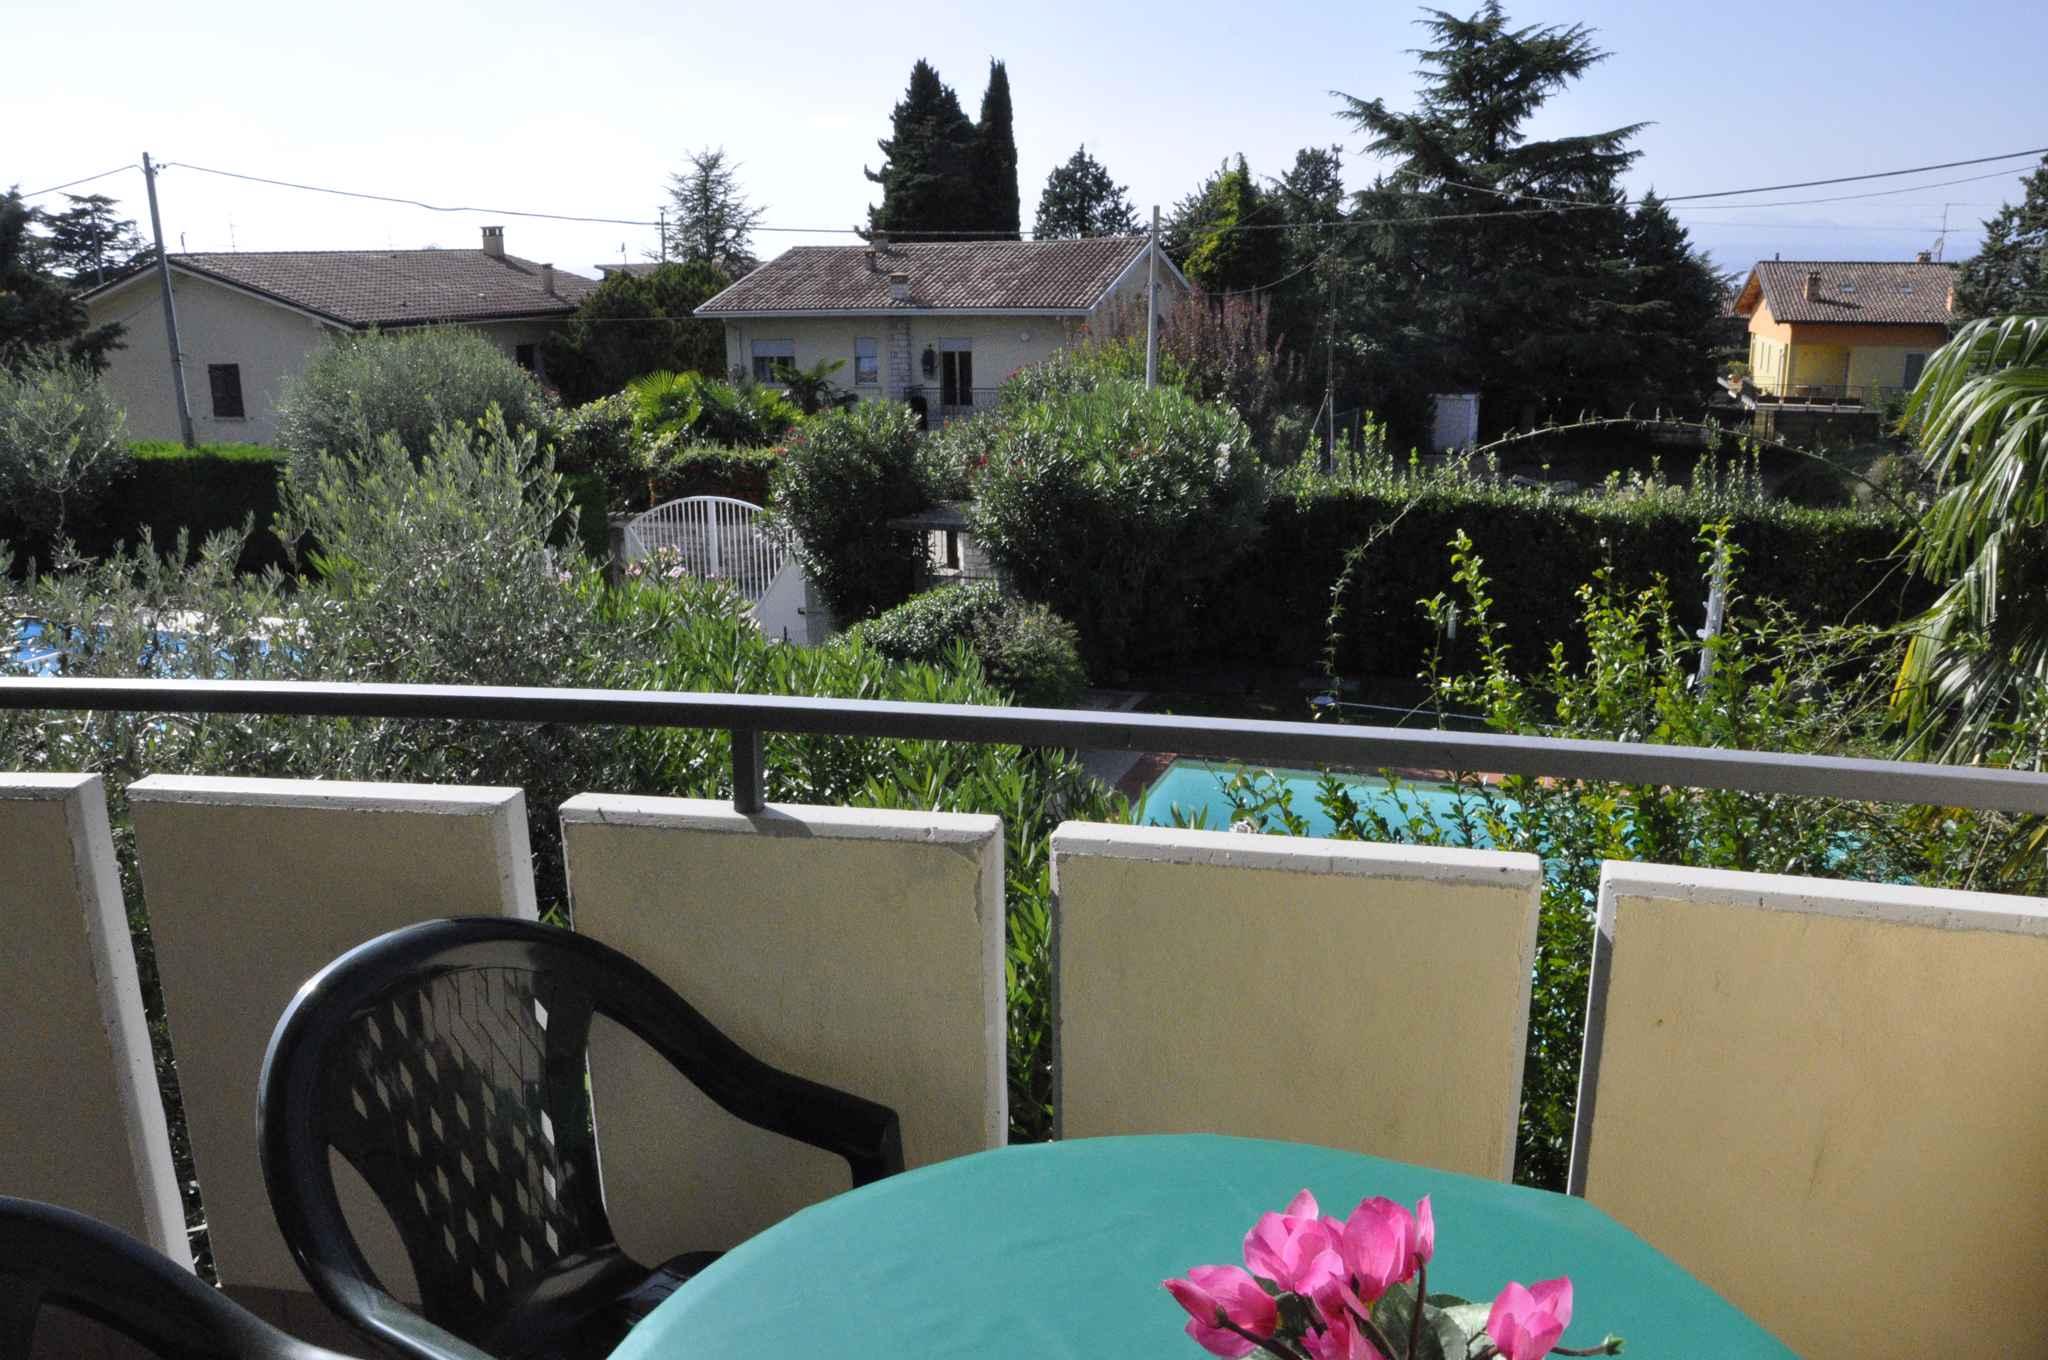 Ferienwohnung mit Pool (485665), Lazise, Gardasee, Venetien, Italien, Bild 4